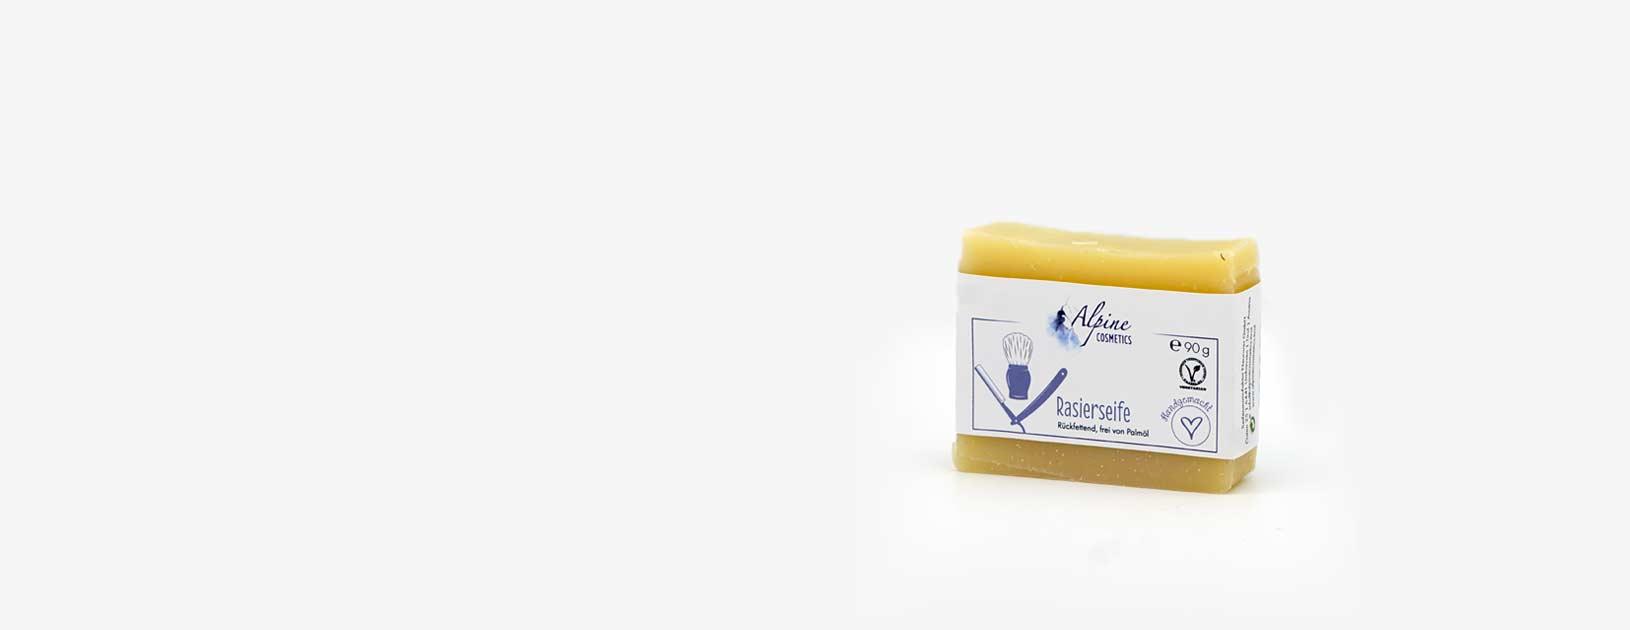 Rasierseife geeignet für jeden Hauttypen, eine glatte Rasur auf dem ganzen Körper & neutralem Duft